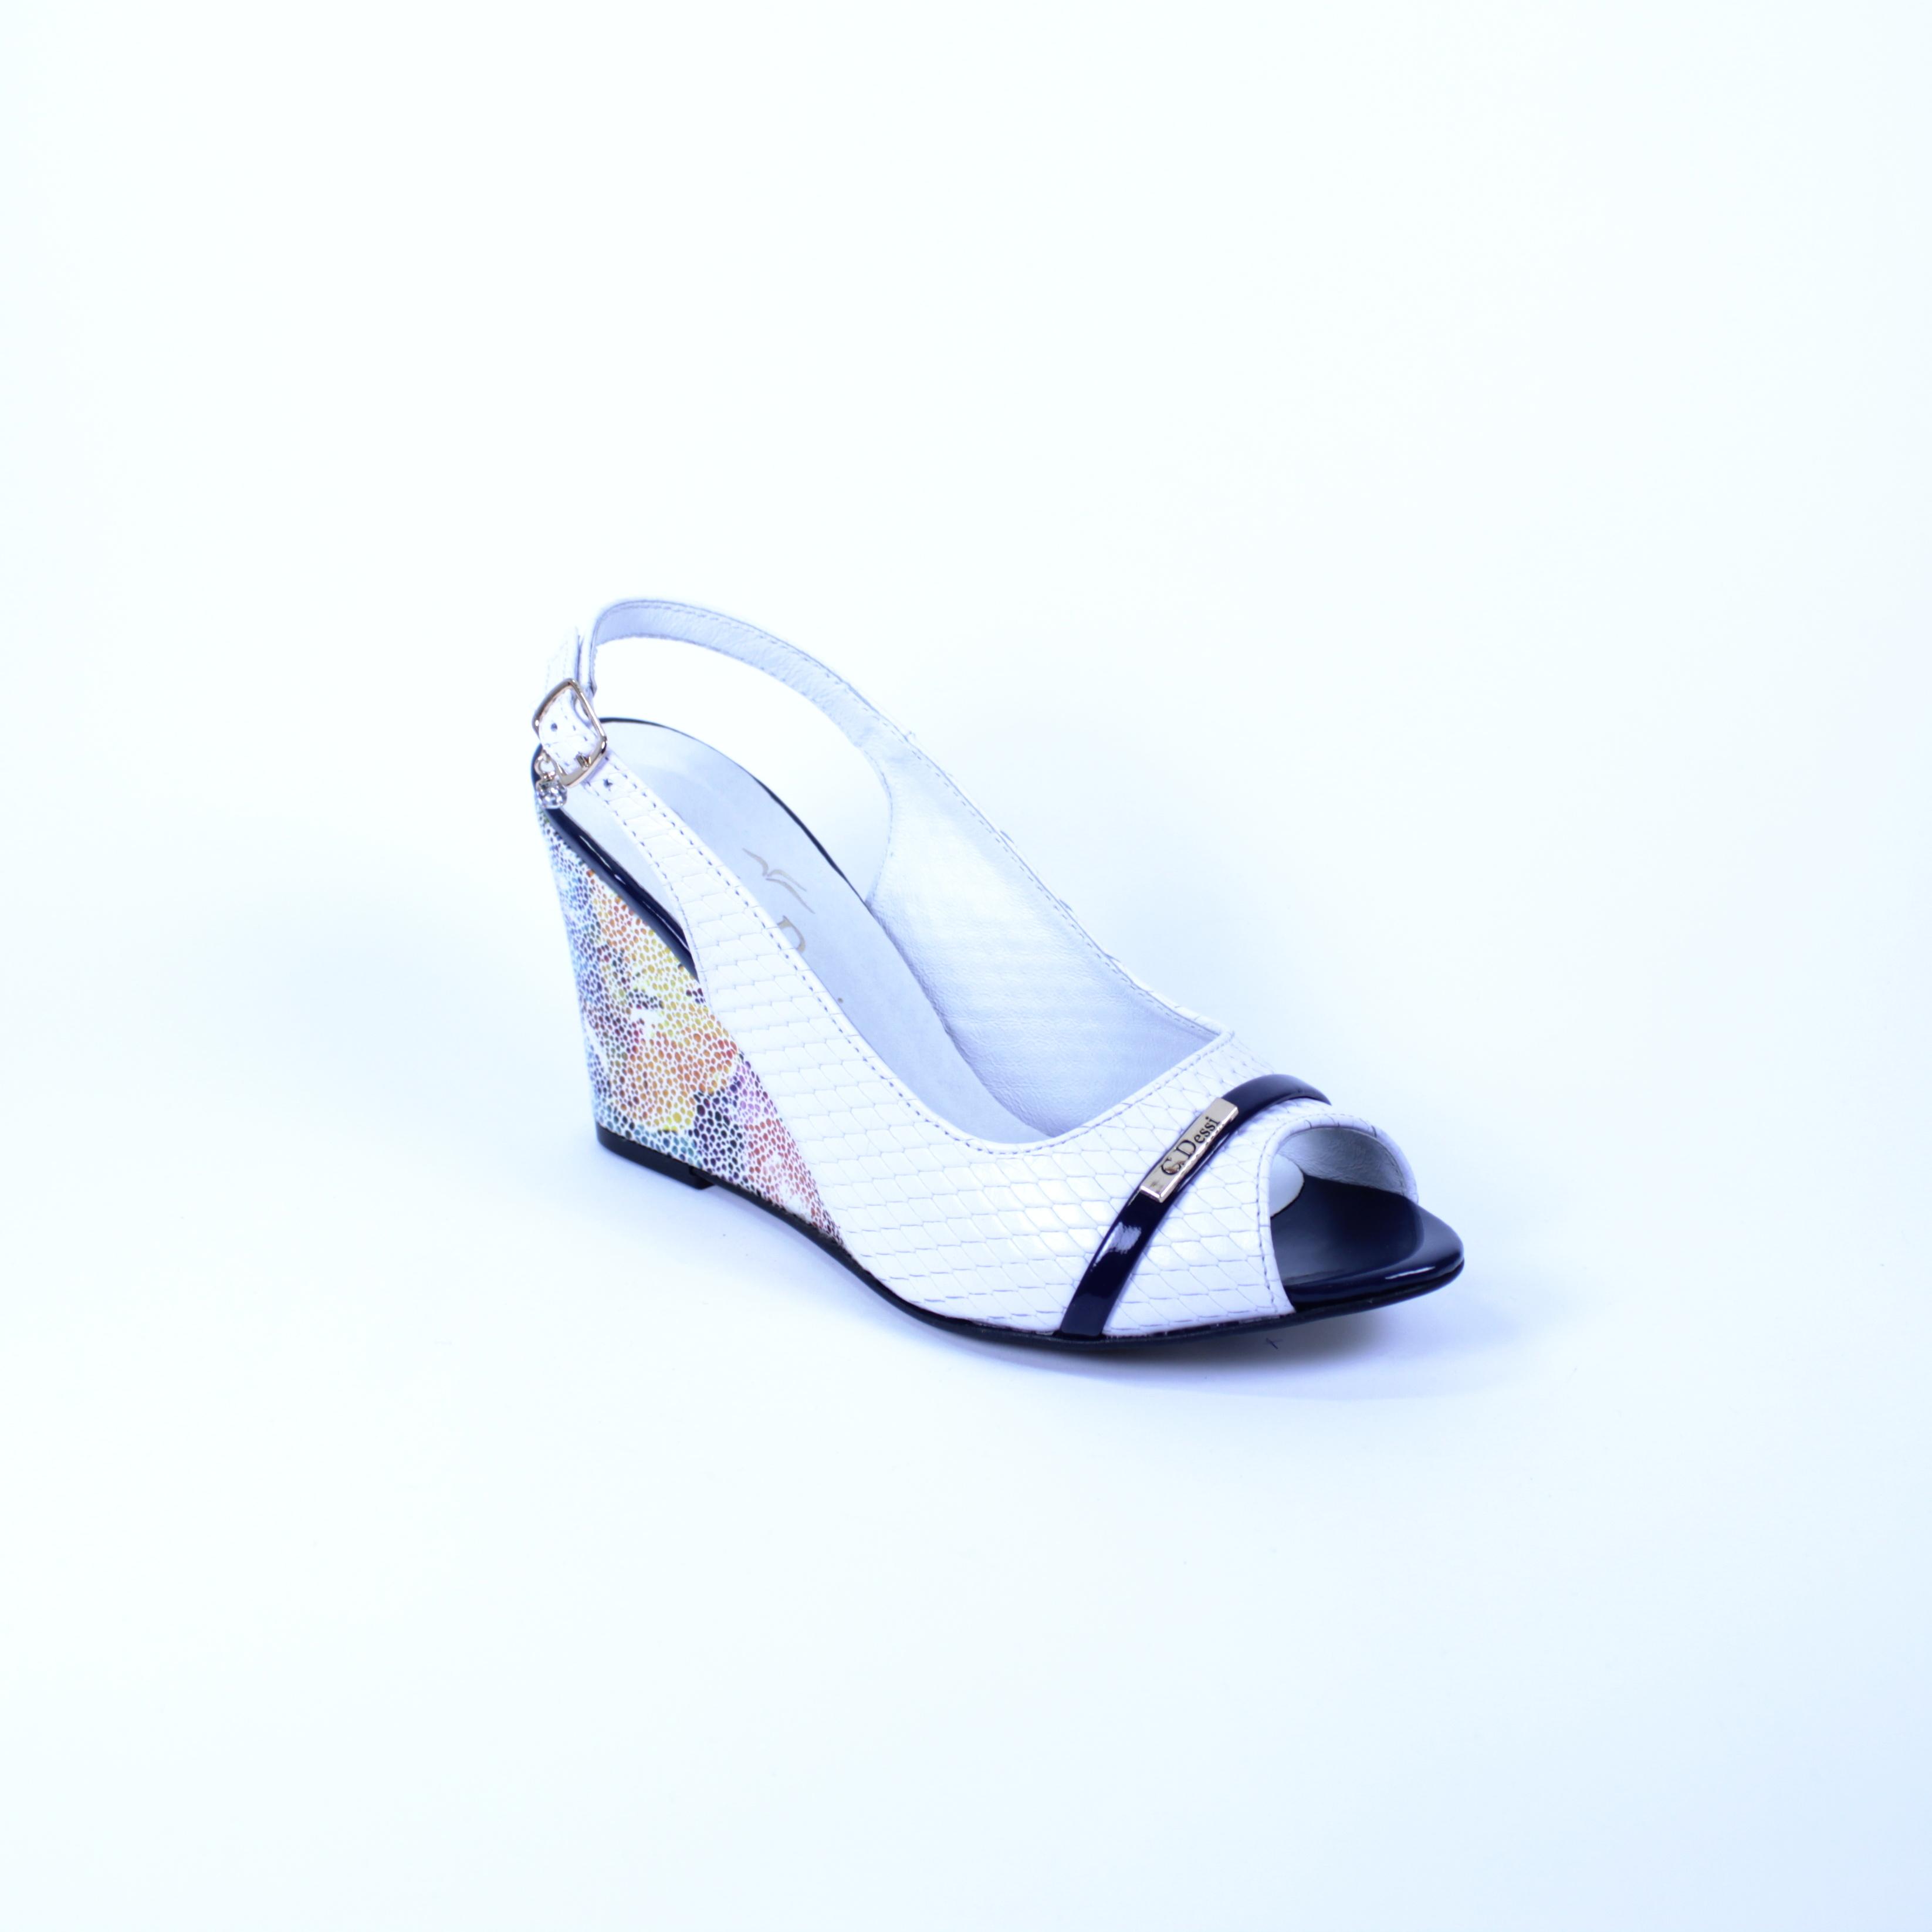 524fe284987a Dámske sandále CLAUDIO DESSI 4468 – Topánky Olympia shoes